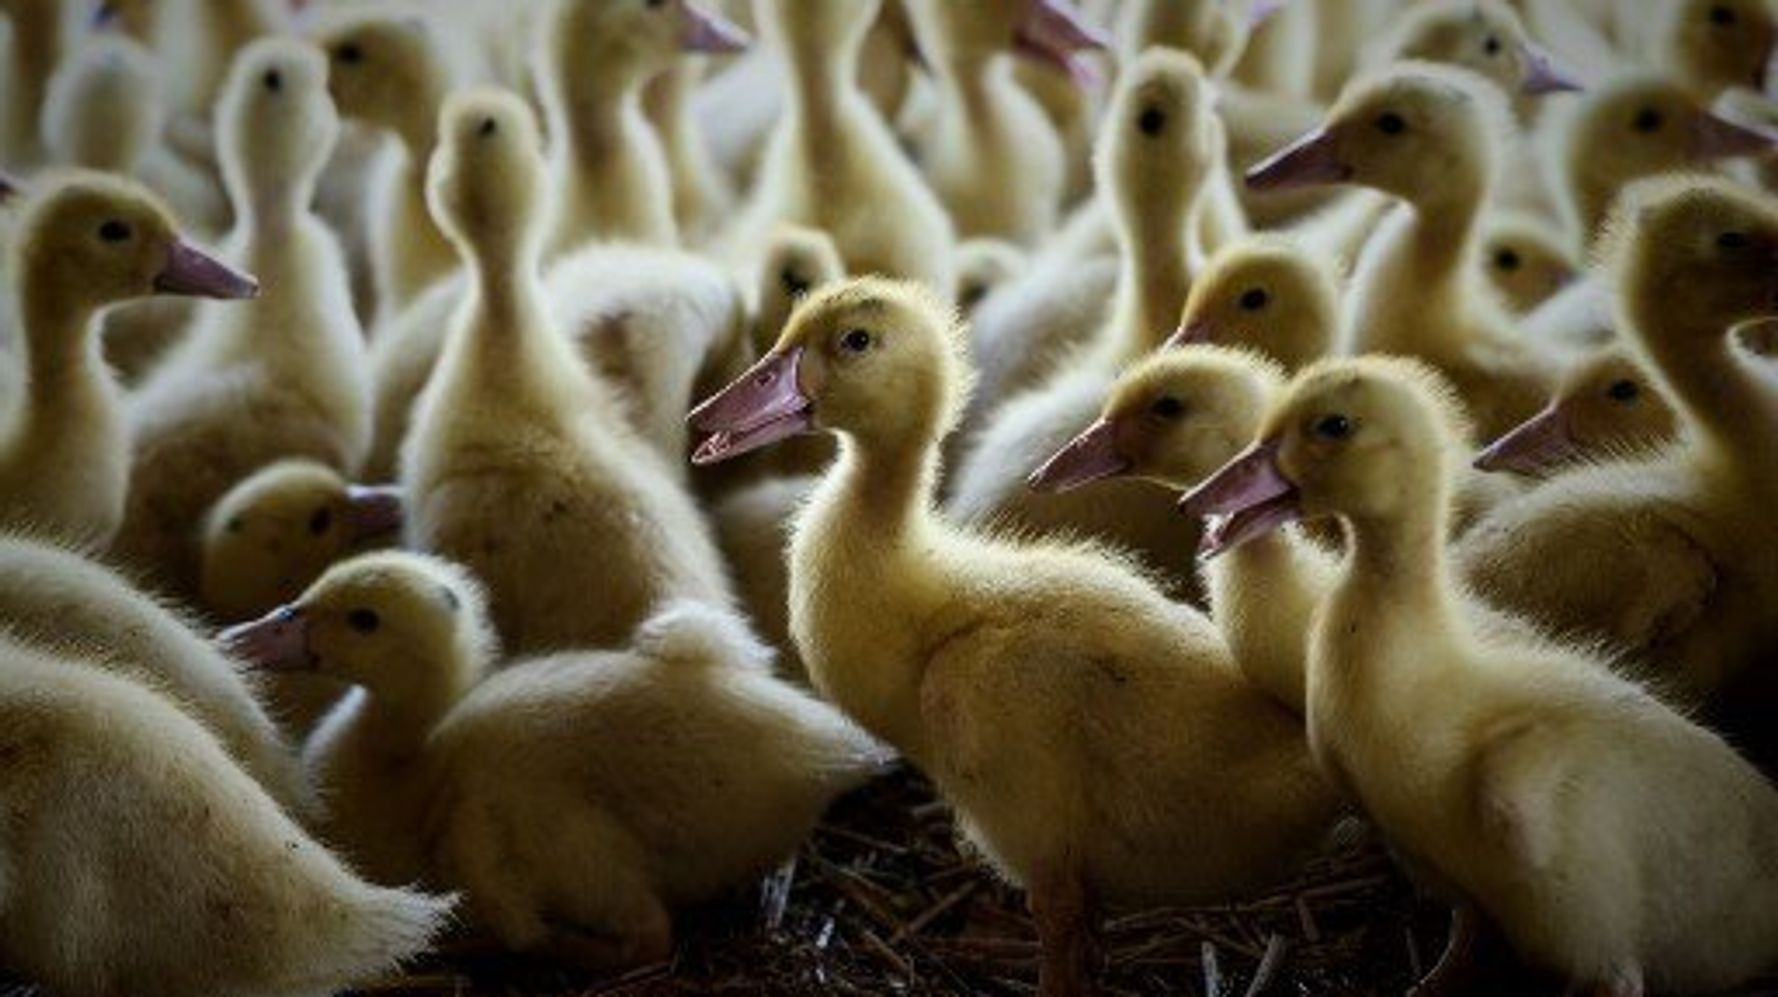 Un troisième élevage des Landes touché par la grippe aviaire